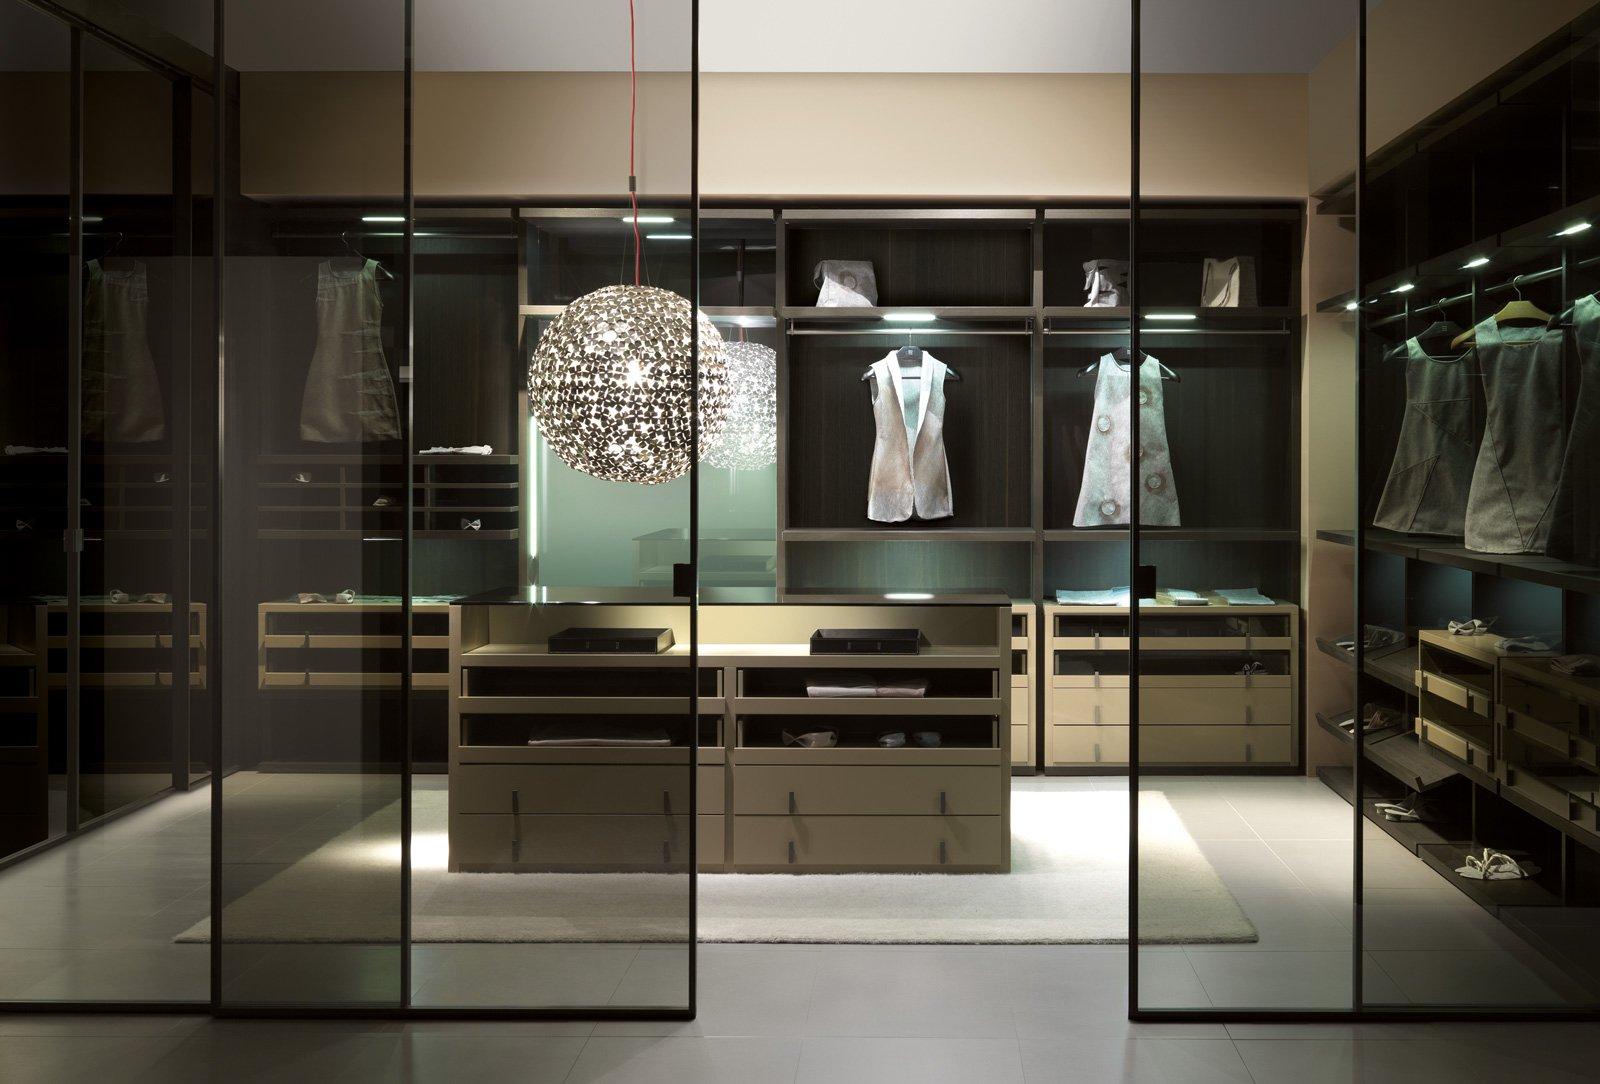 Porte per la cabina armadio grandi e piccole cose di casa - Begehbarer kleiderschrank design ...